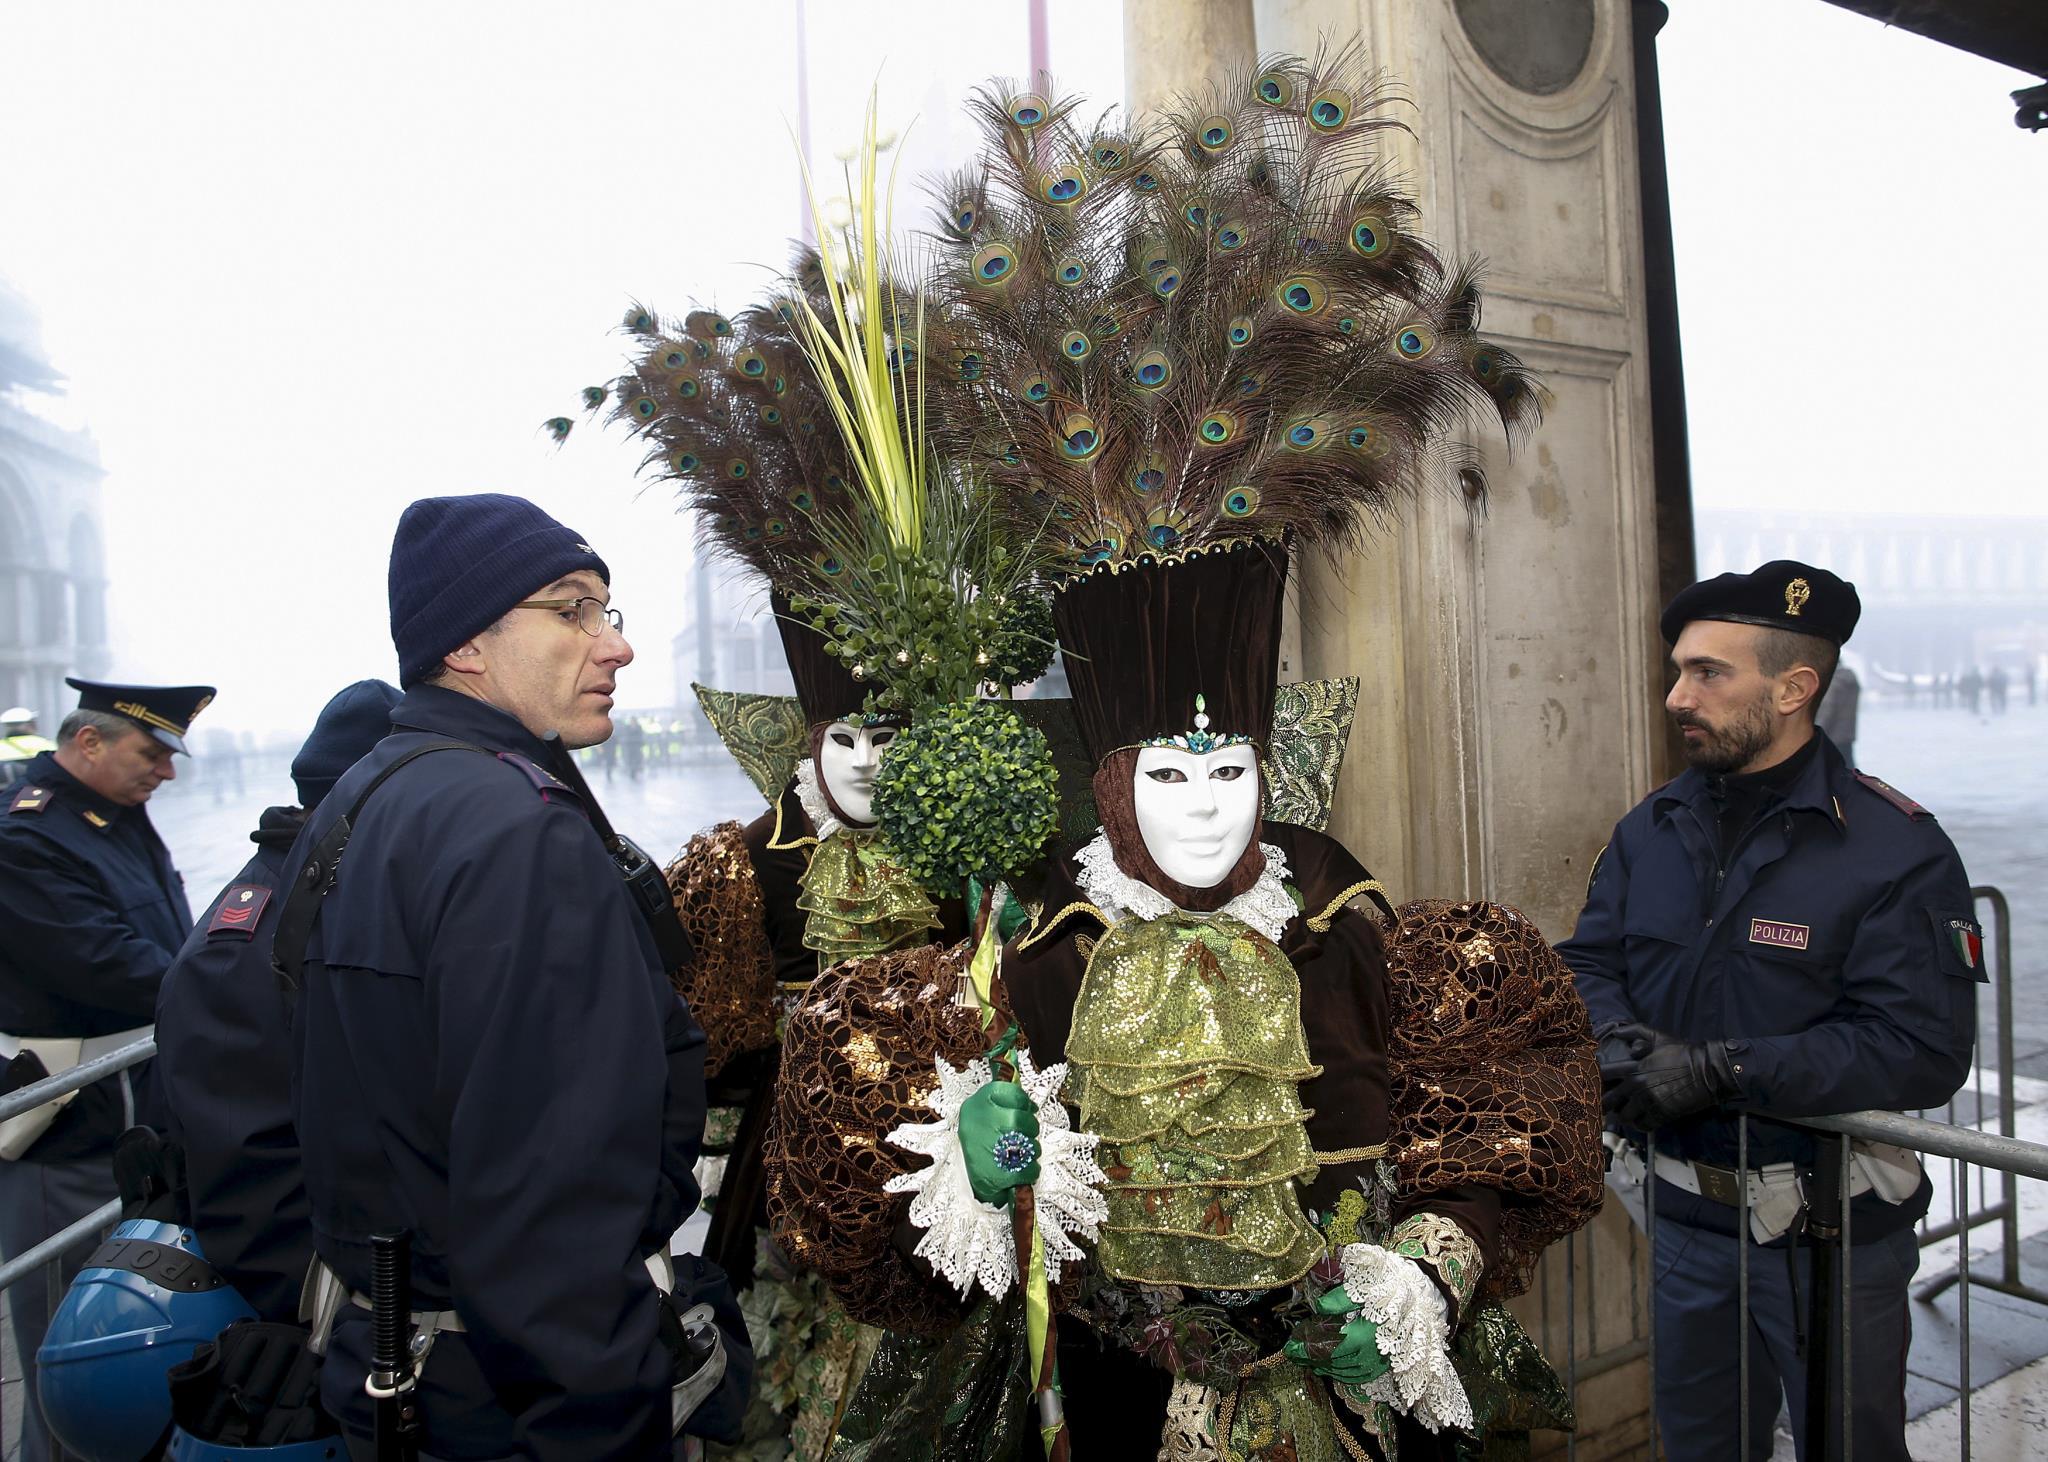 El carnaval de Venecia 2016, en imágenes